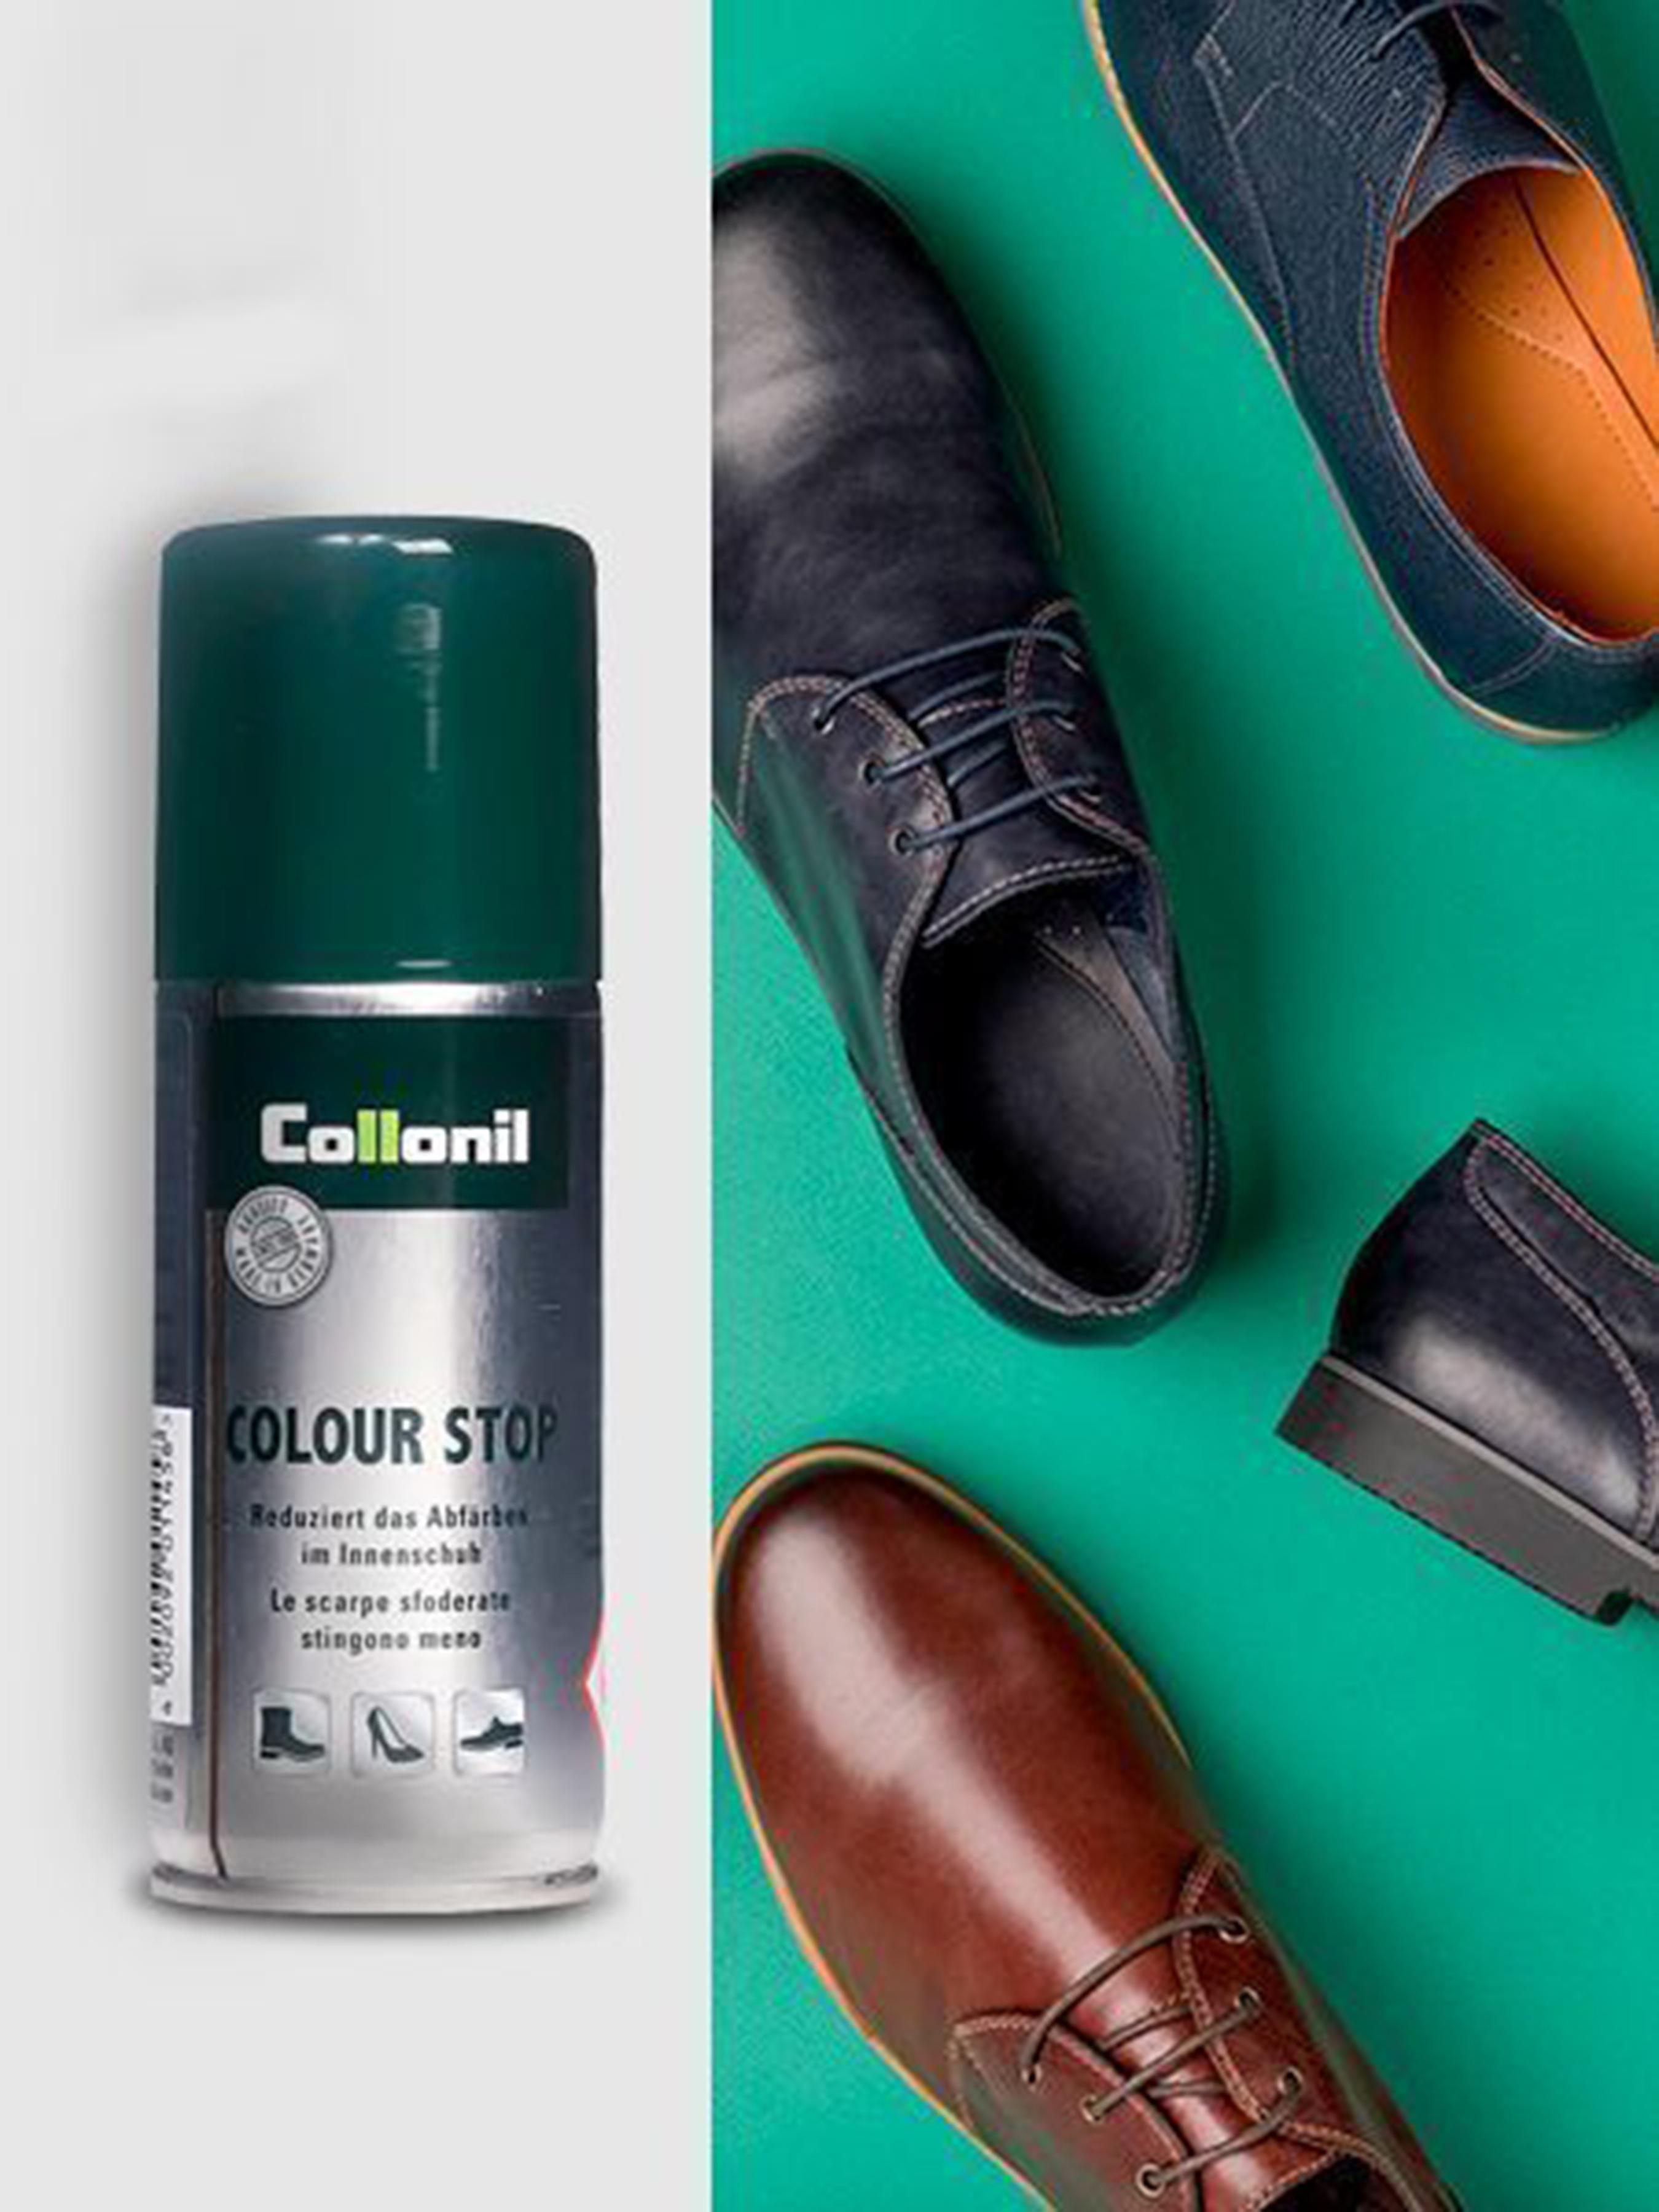 Аэрозоль для обуви  Collonil модель A57 качество, 2017